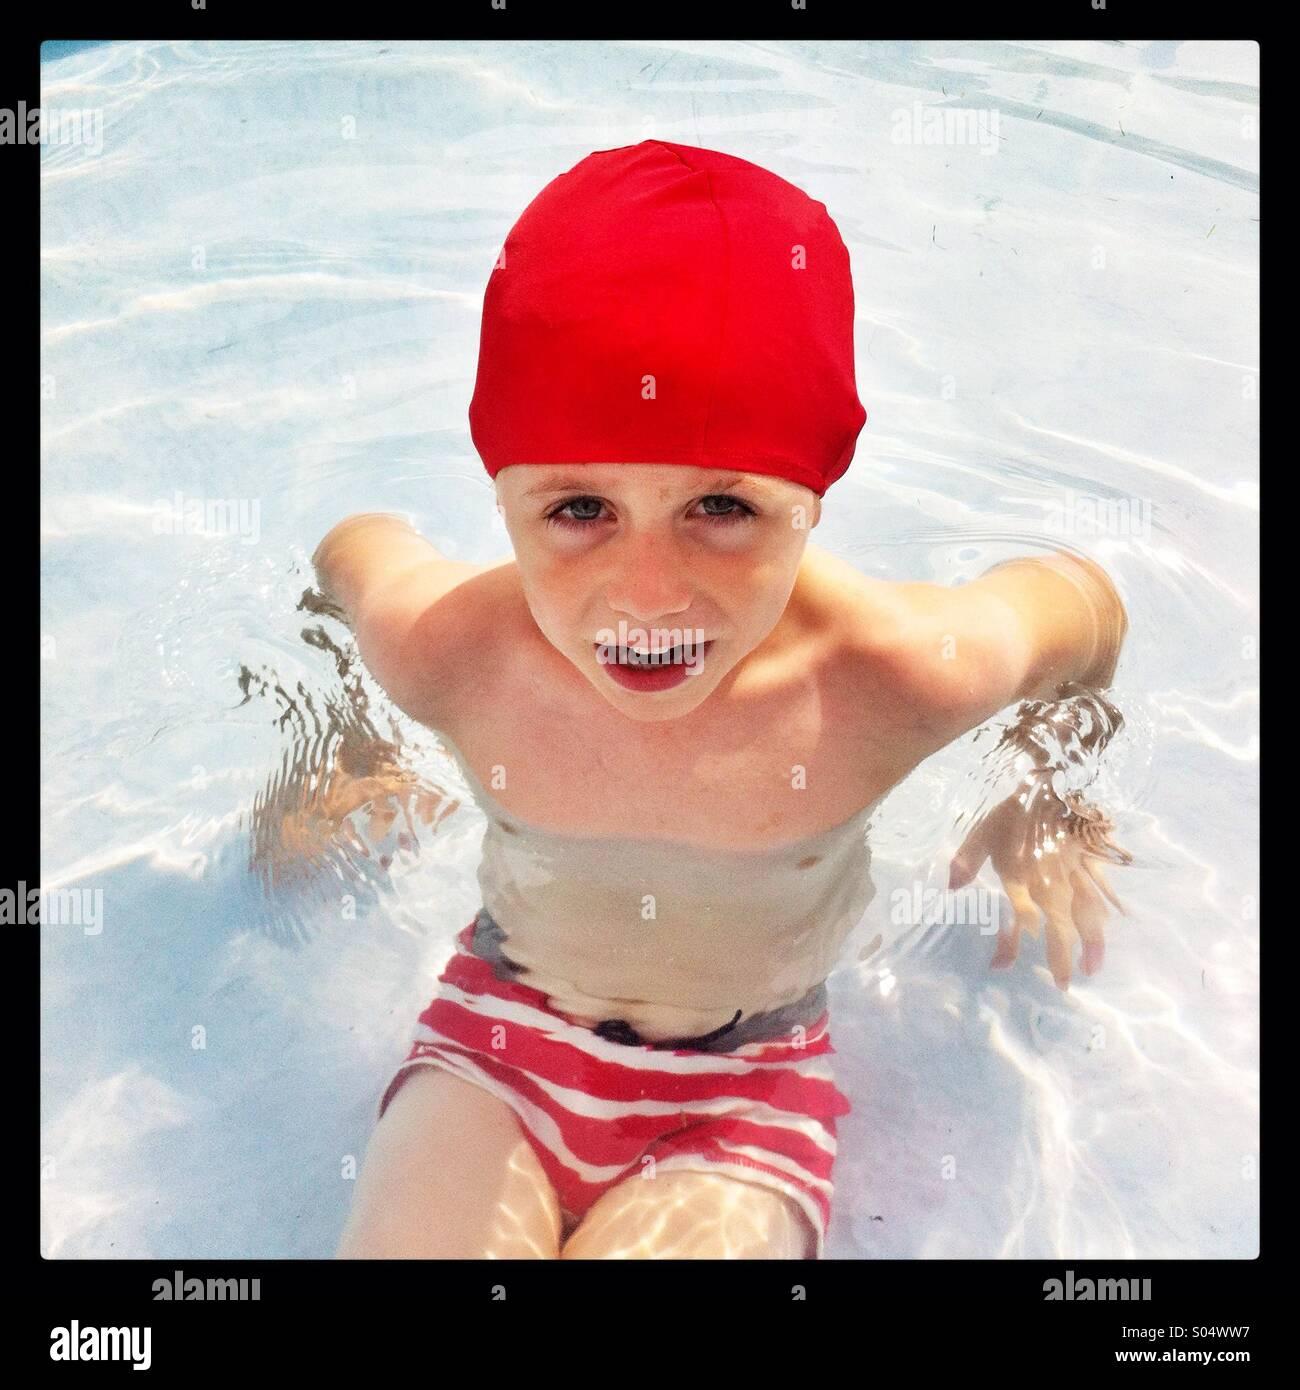 Fünf Jahre alter Junge in einem Schwimmbad eine leuchtend rote Badekappe tragen Stockbild